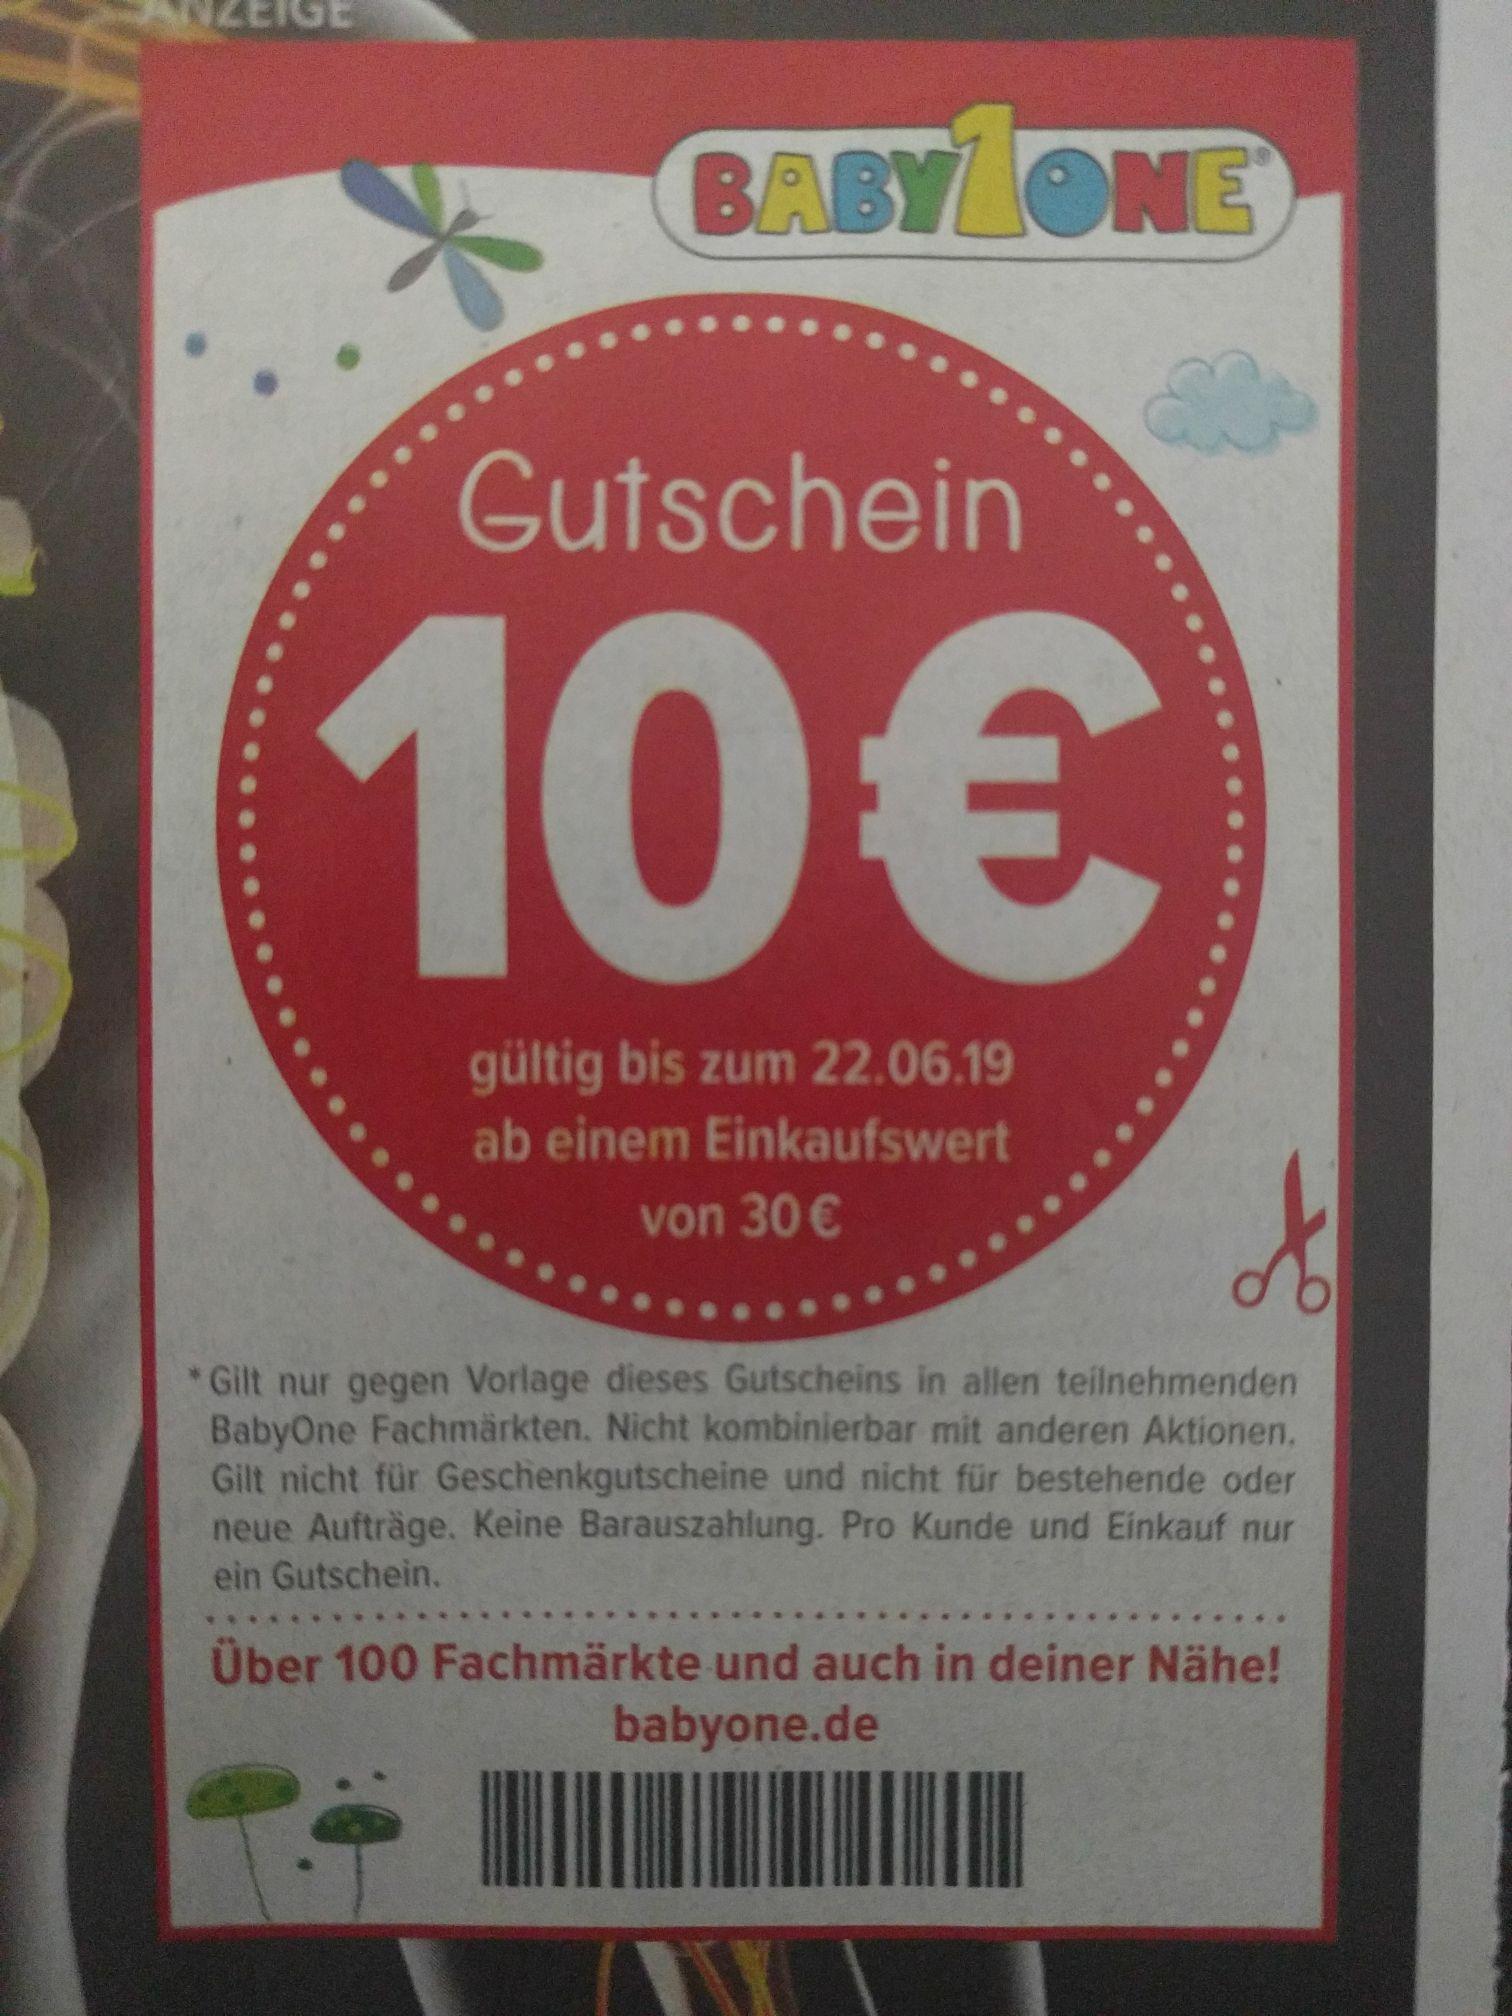 (Offline) BabyOne 10€ Rabatt ab 30€ Einkaufswert